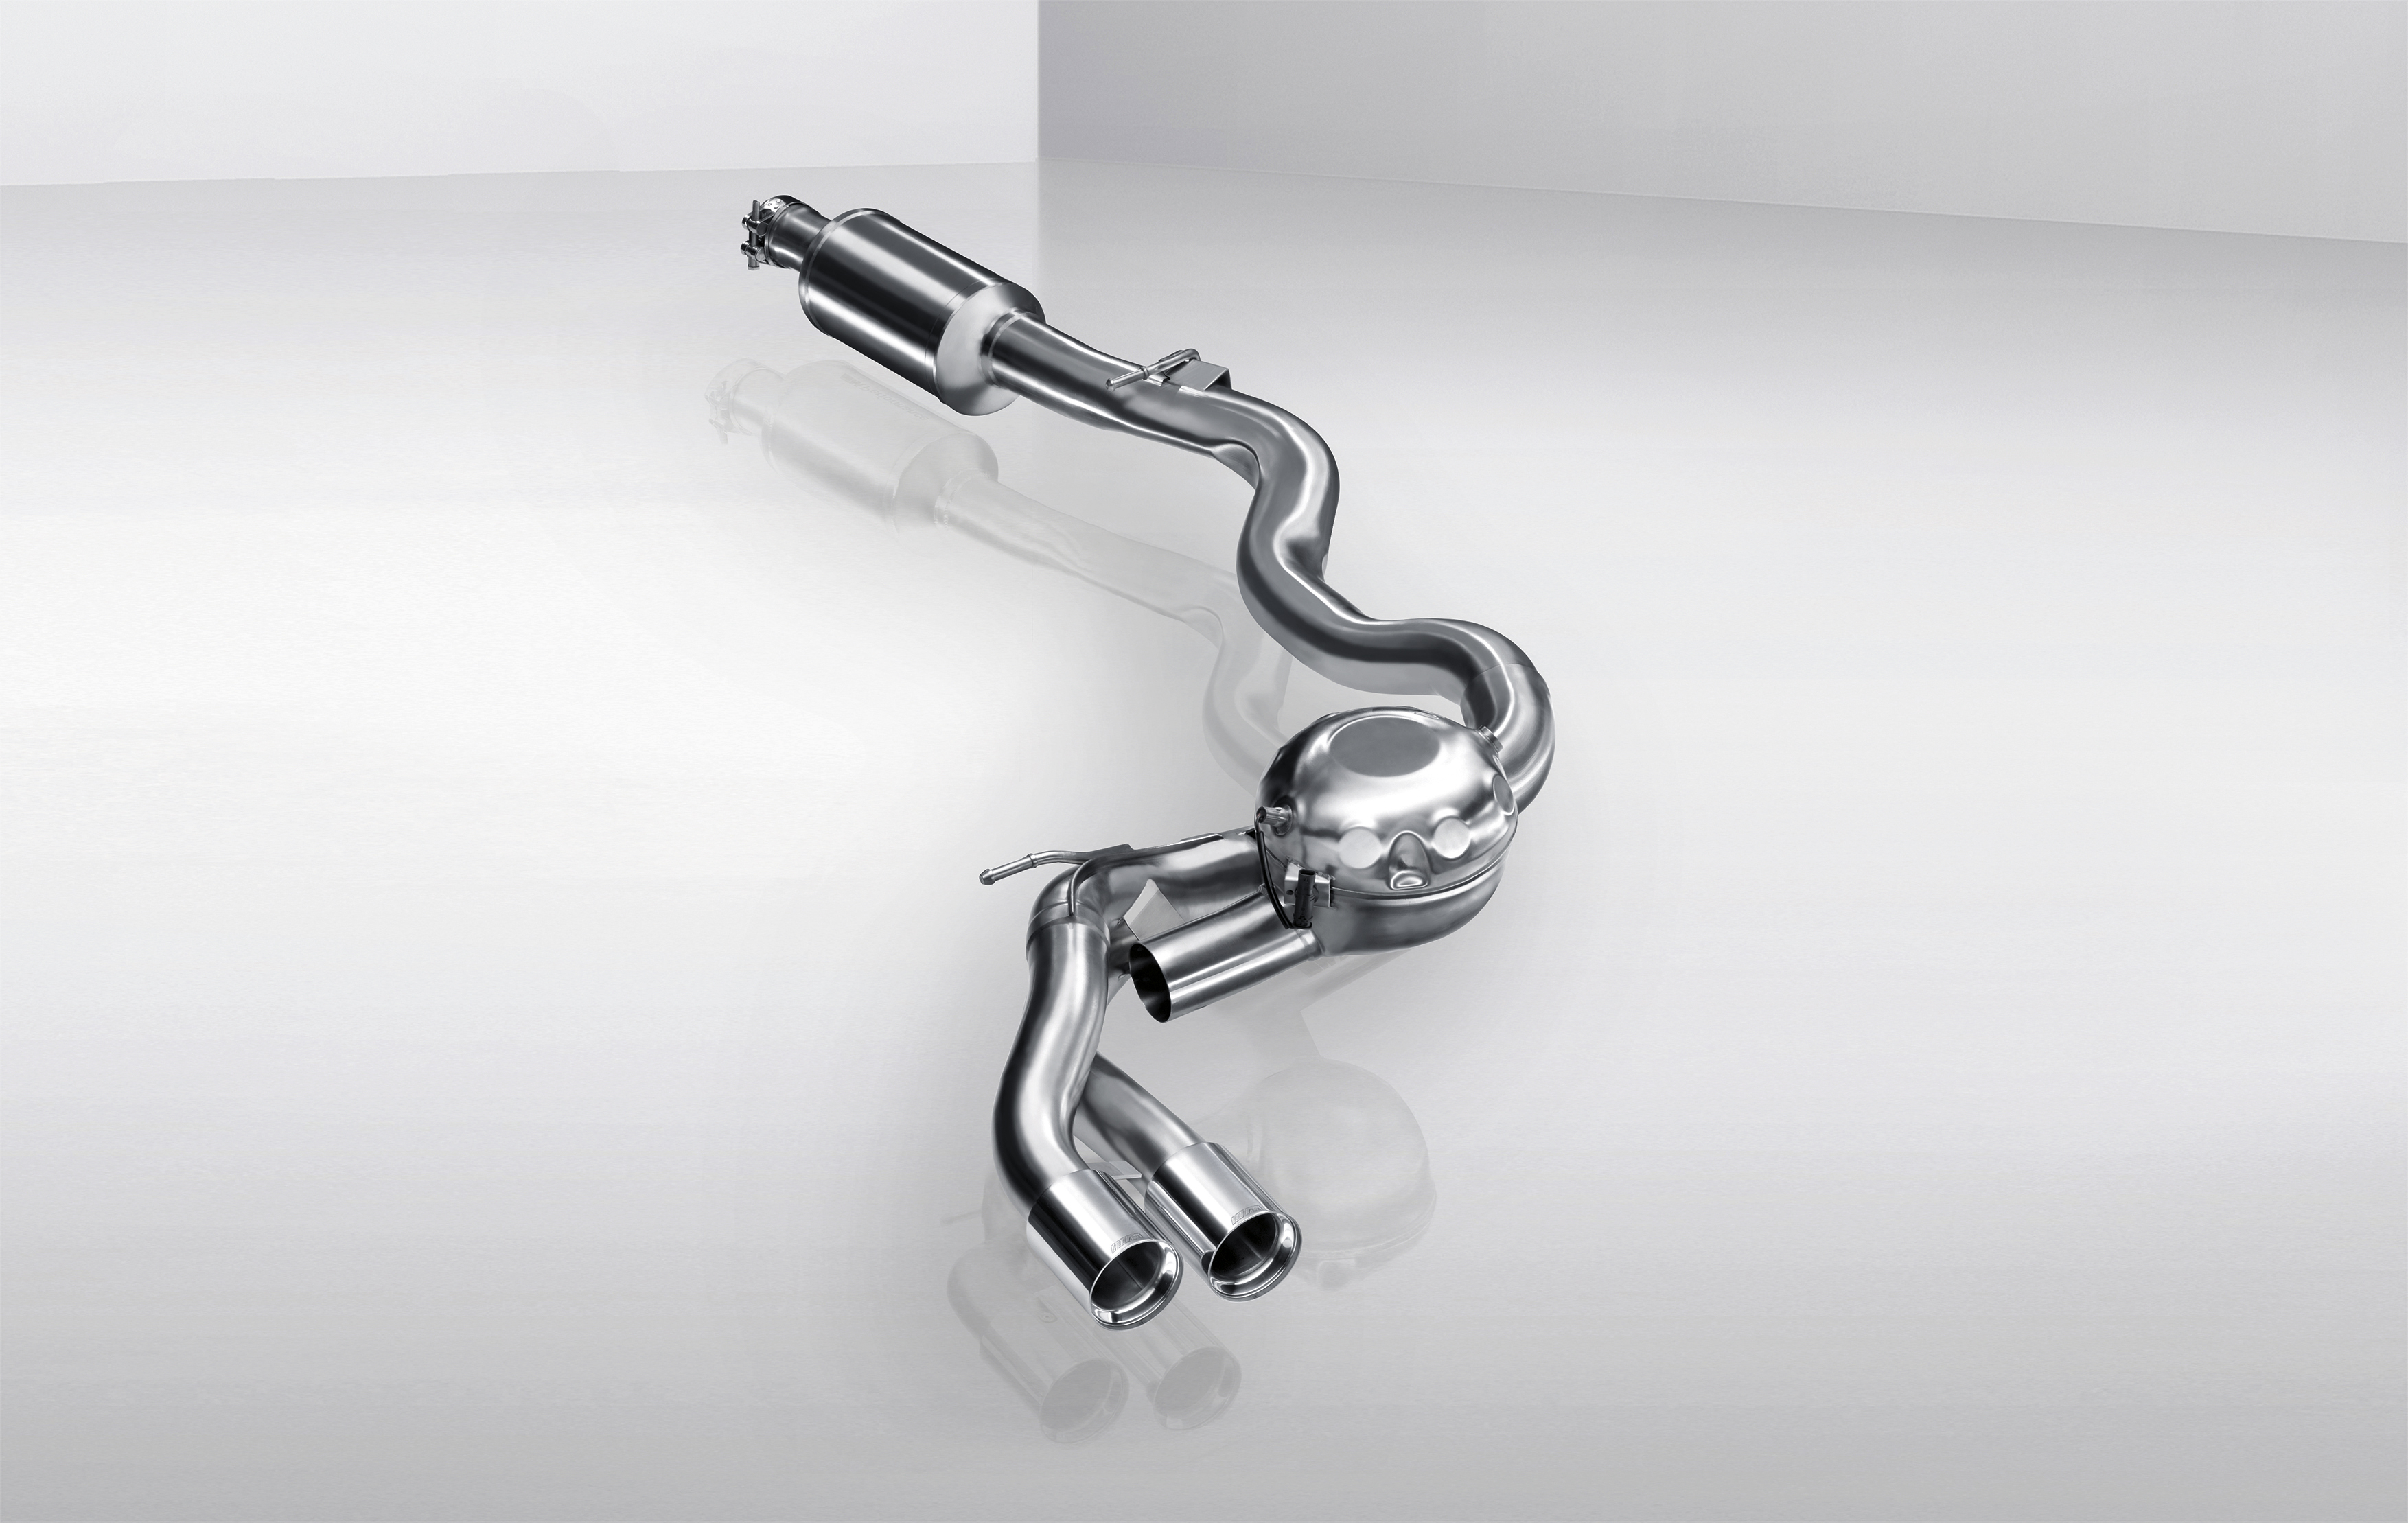 Abgasanlage BMW Active Sound von BMW M Performance. Im Zubehör erhältlich für Diesel-Modelle aus der 2er-, 3er- oder 4er-Reihe.